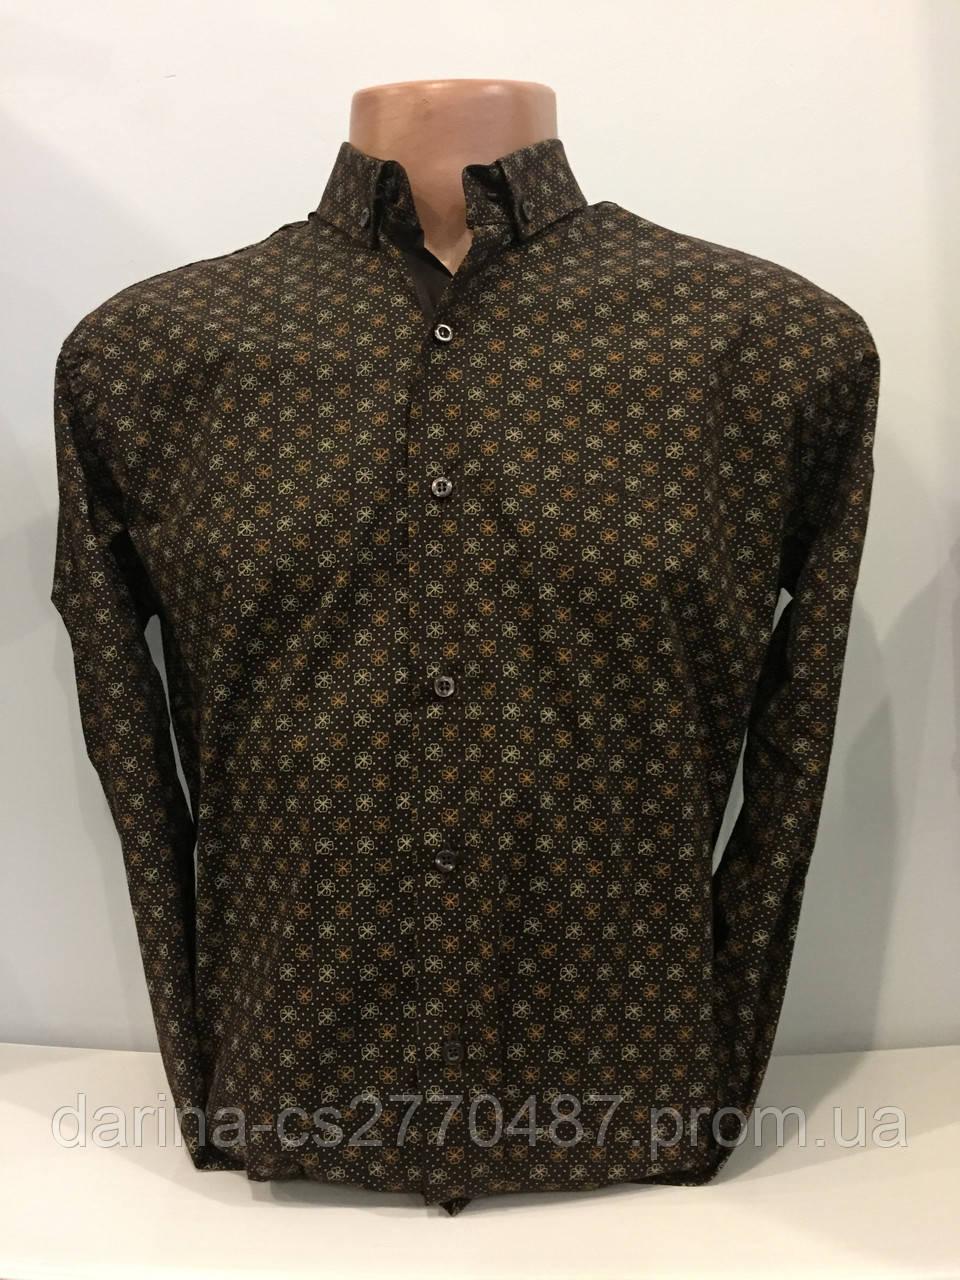 Рубашка мужская с длинным рукавом M